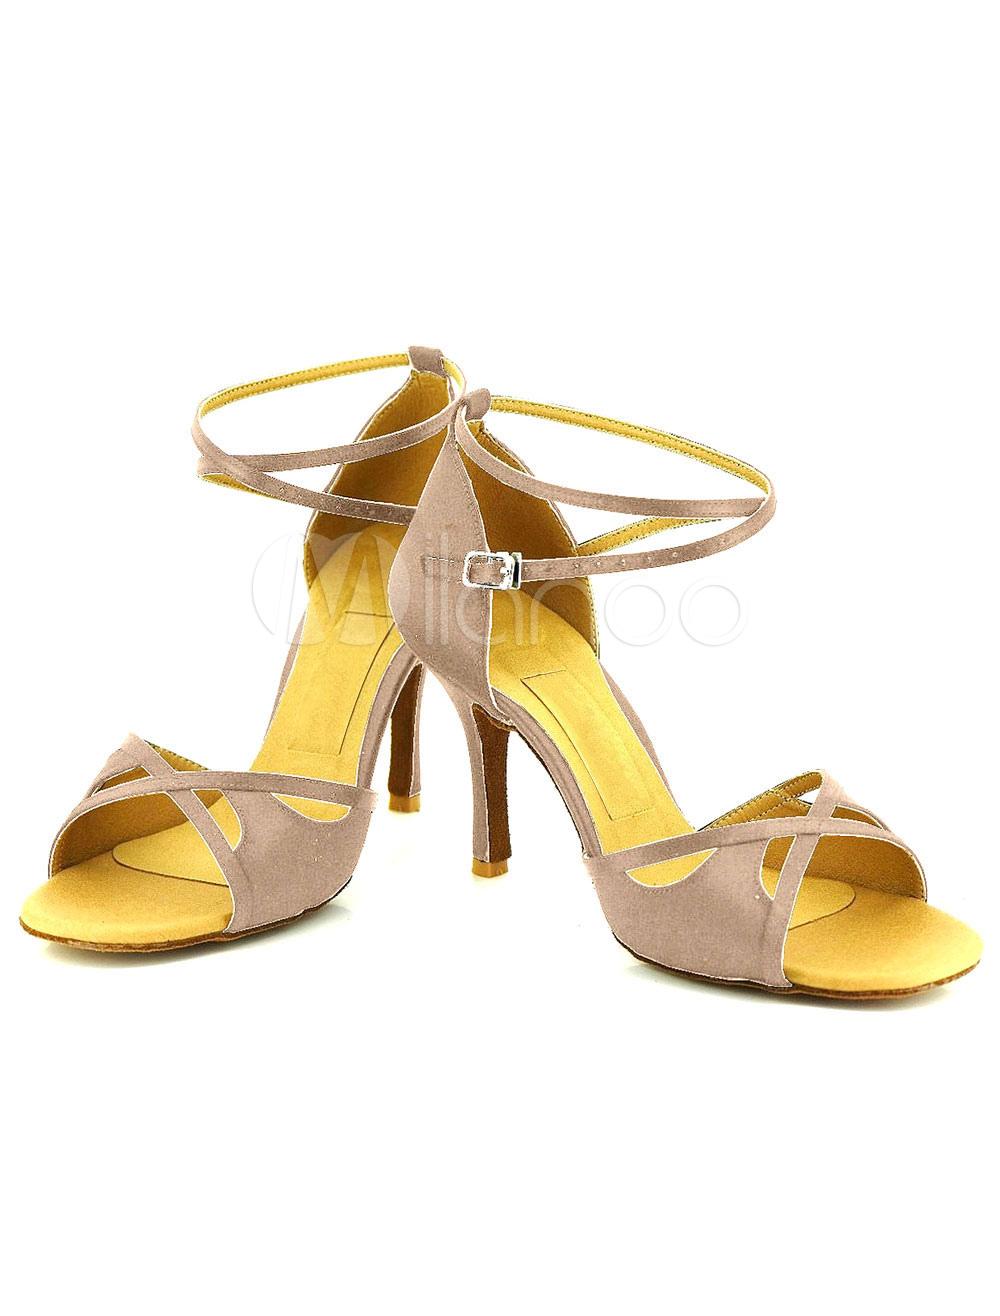 Tobillo correa zapatos Open Toe raso cuerda bobina talón baile zapatos de baile de mujeres vpZkJiM